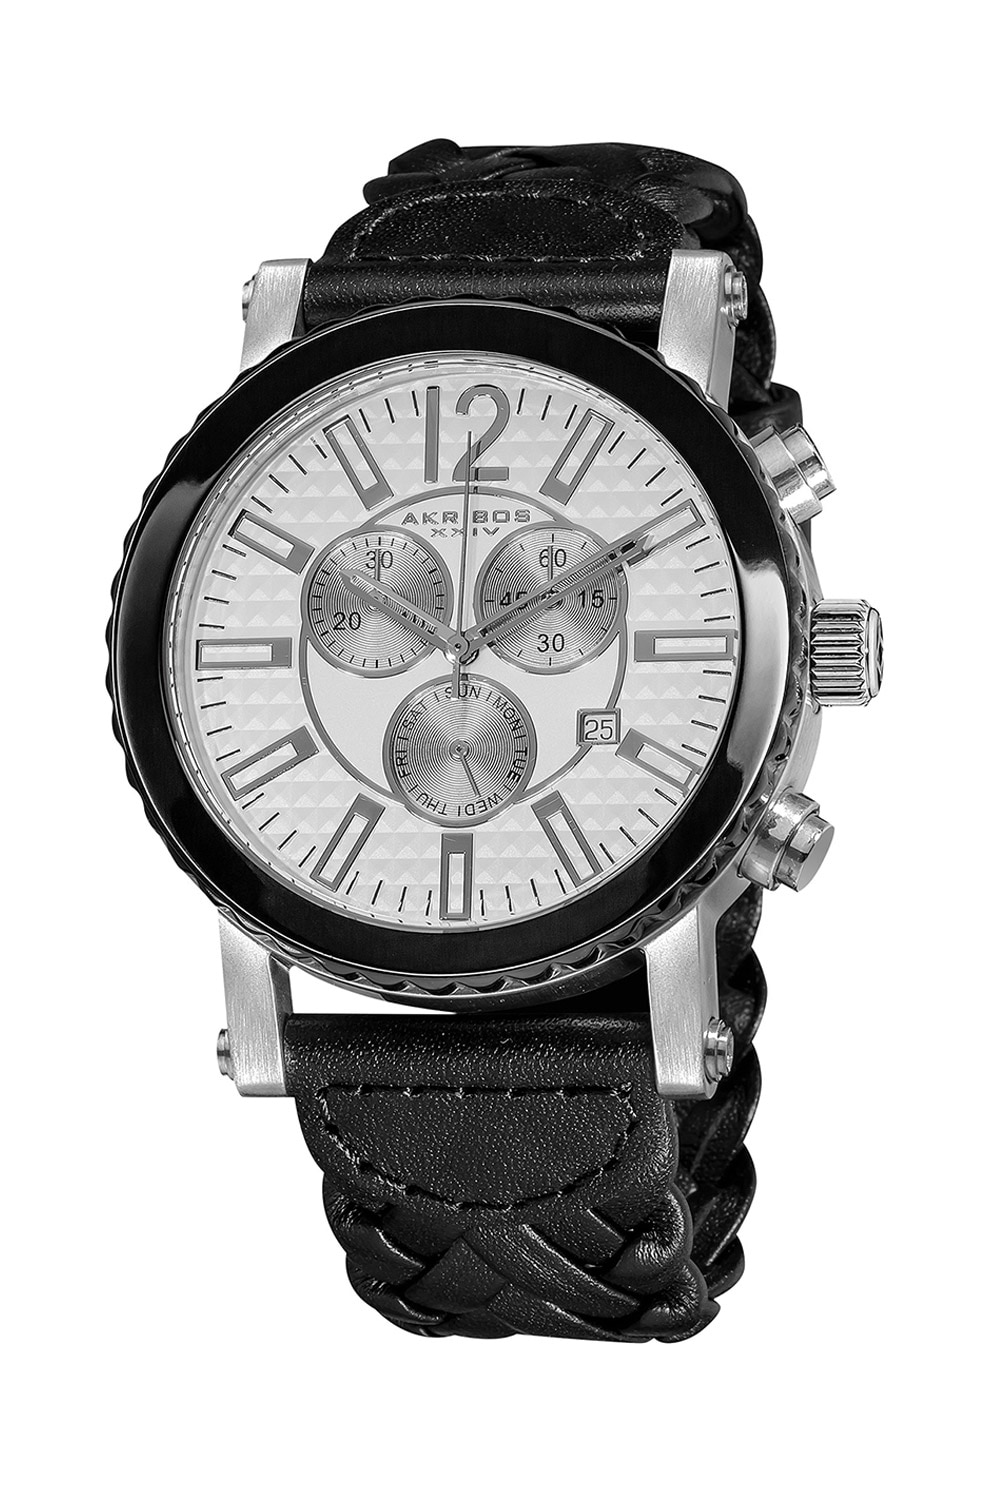 Fotografie AKRIBOS XXIV, Ceas cronograf cu o curea de piele cu aspect impletit, Negru/Argintiu